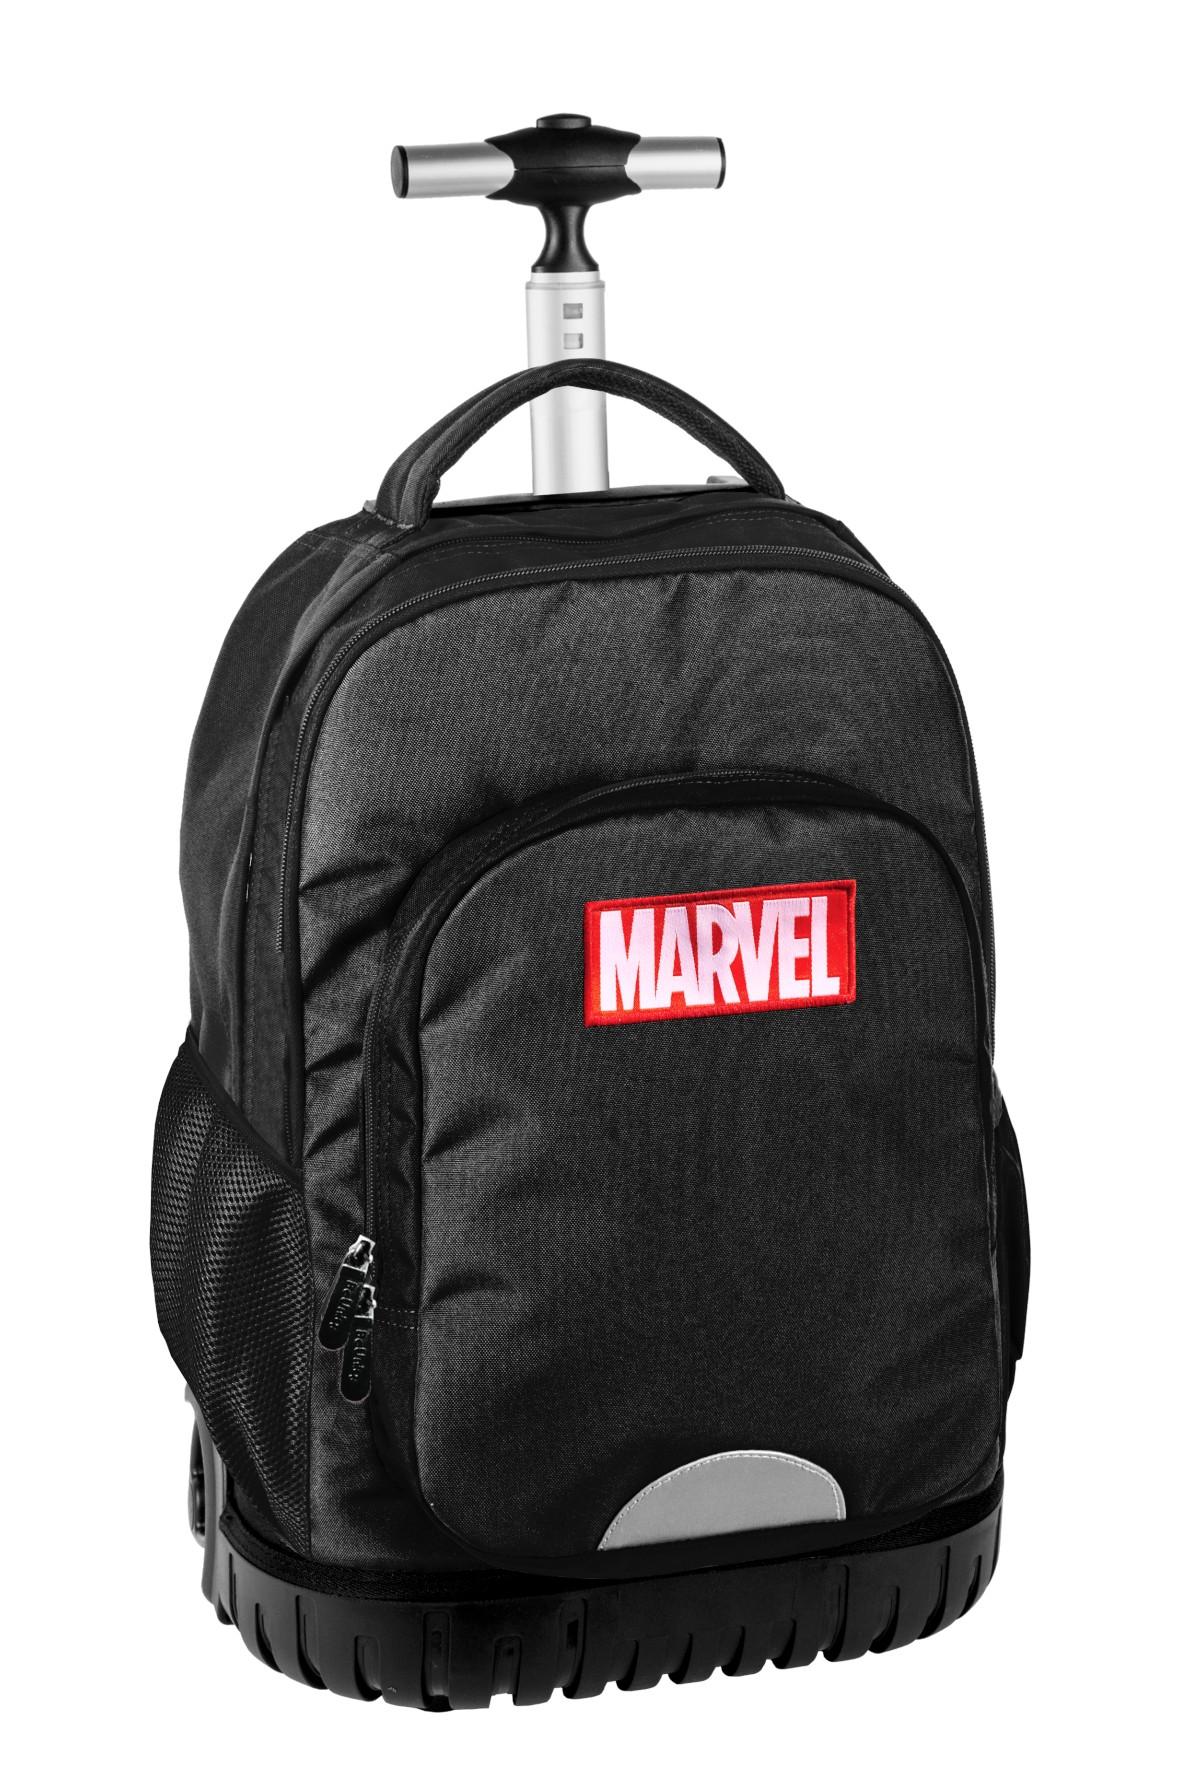 Plecak na kółkach Marvel - czarny